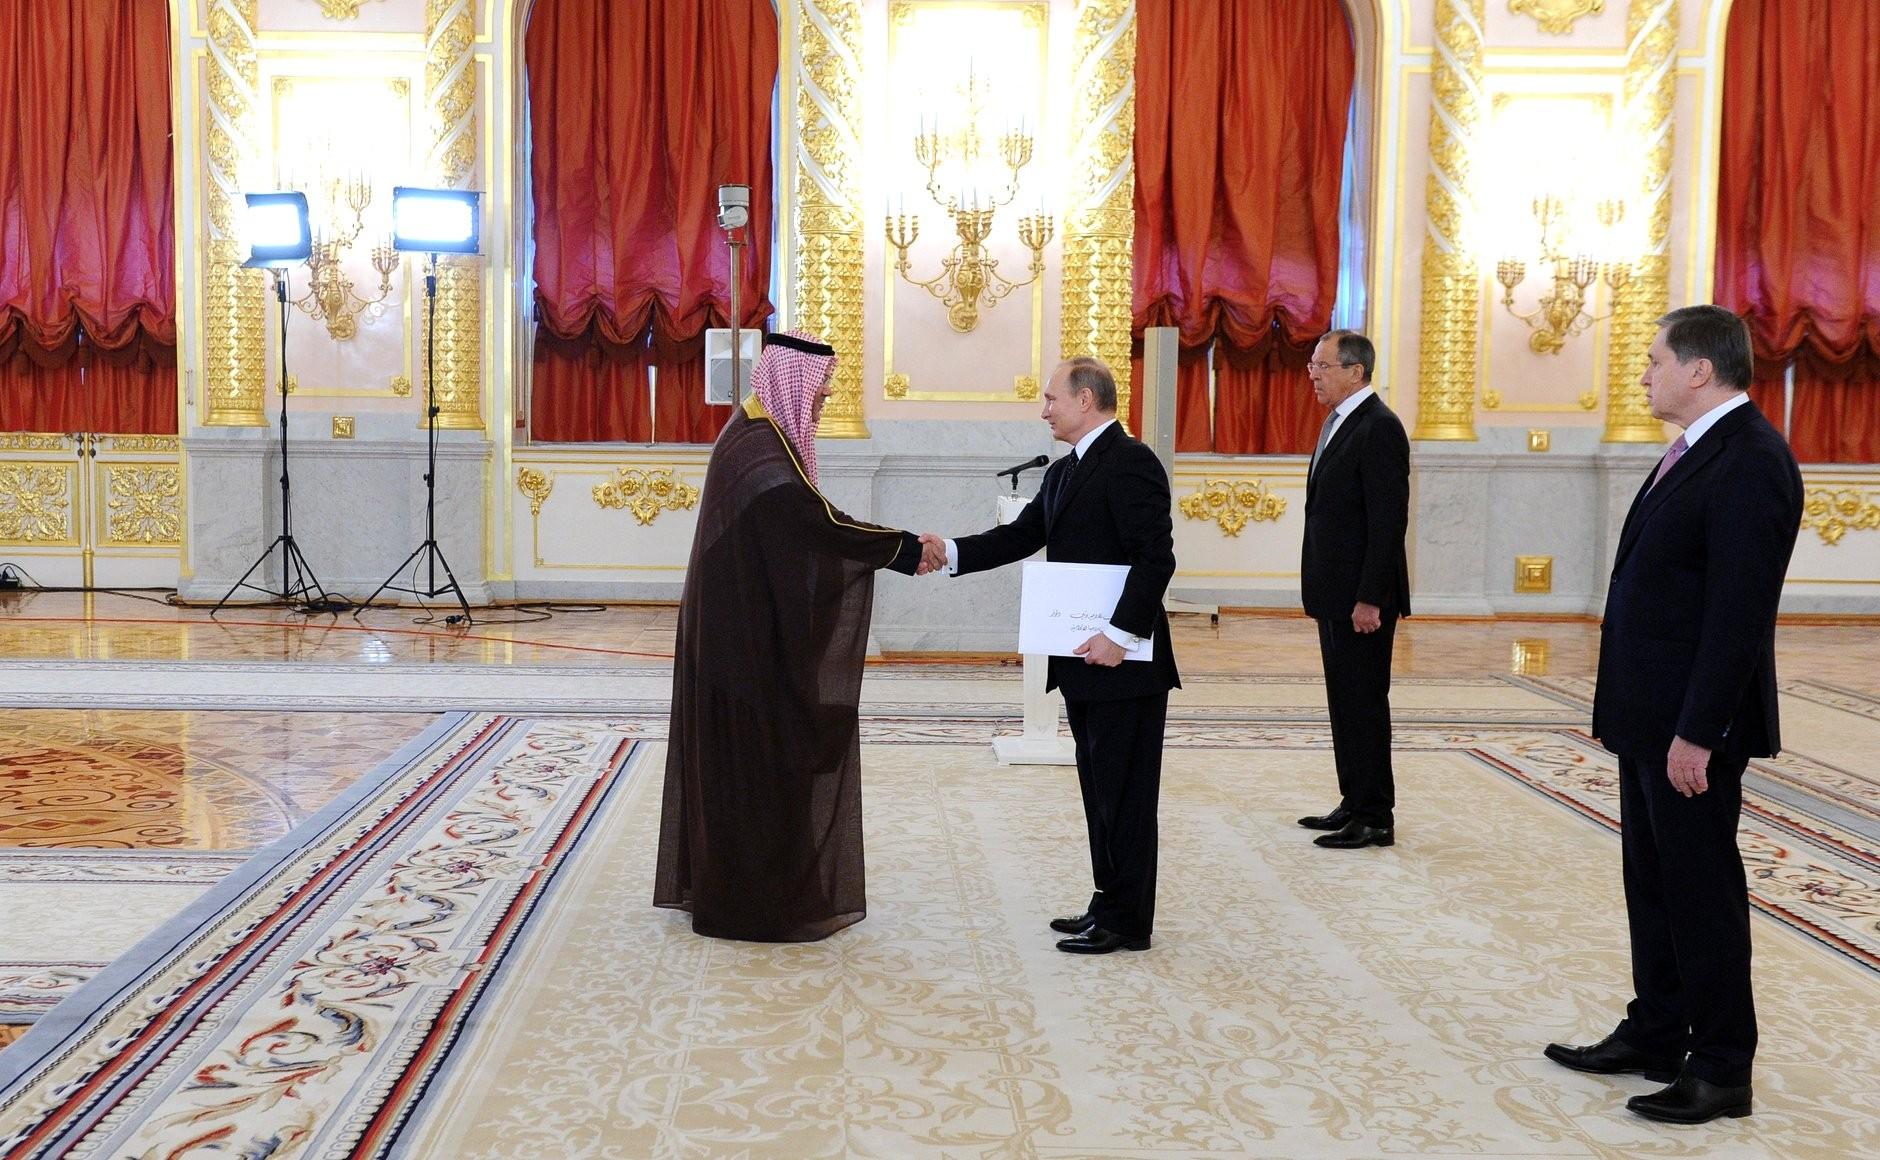 Посол Бахрейна вручает верительную грамоту президенту России